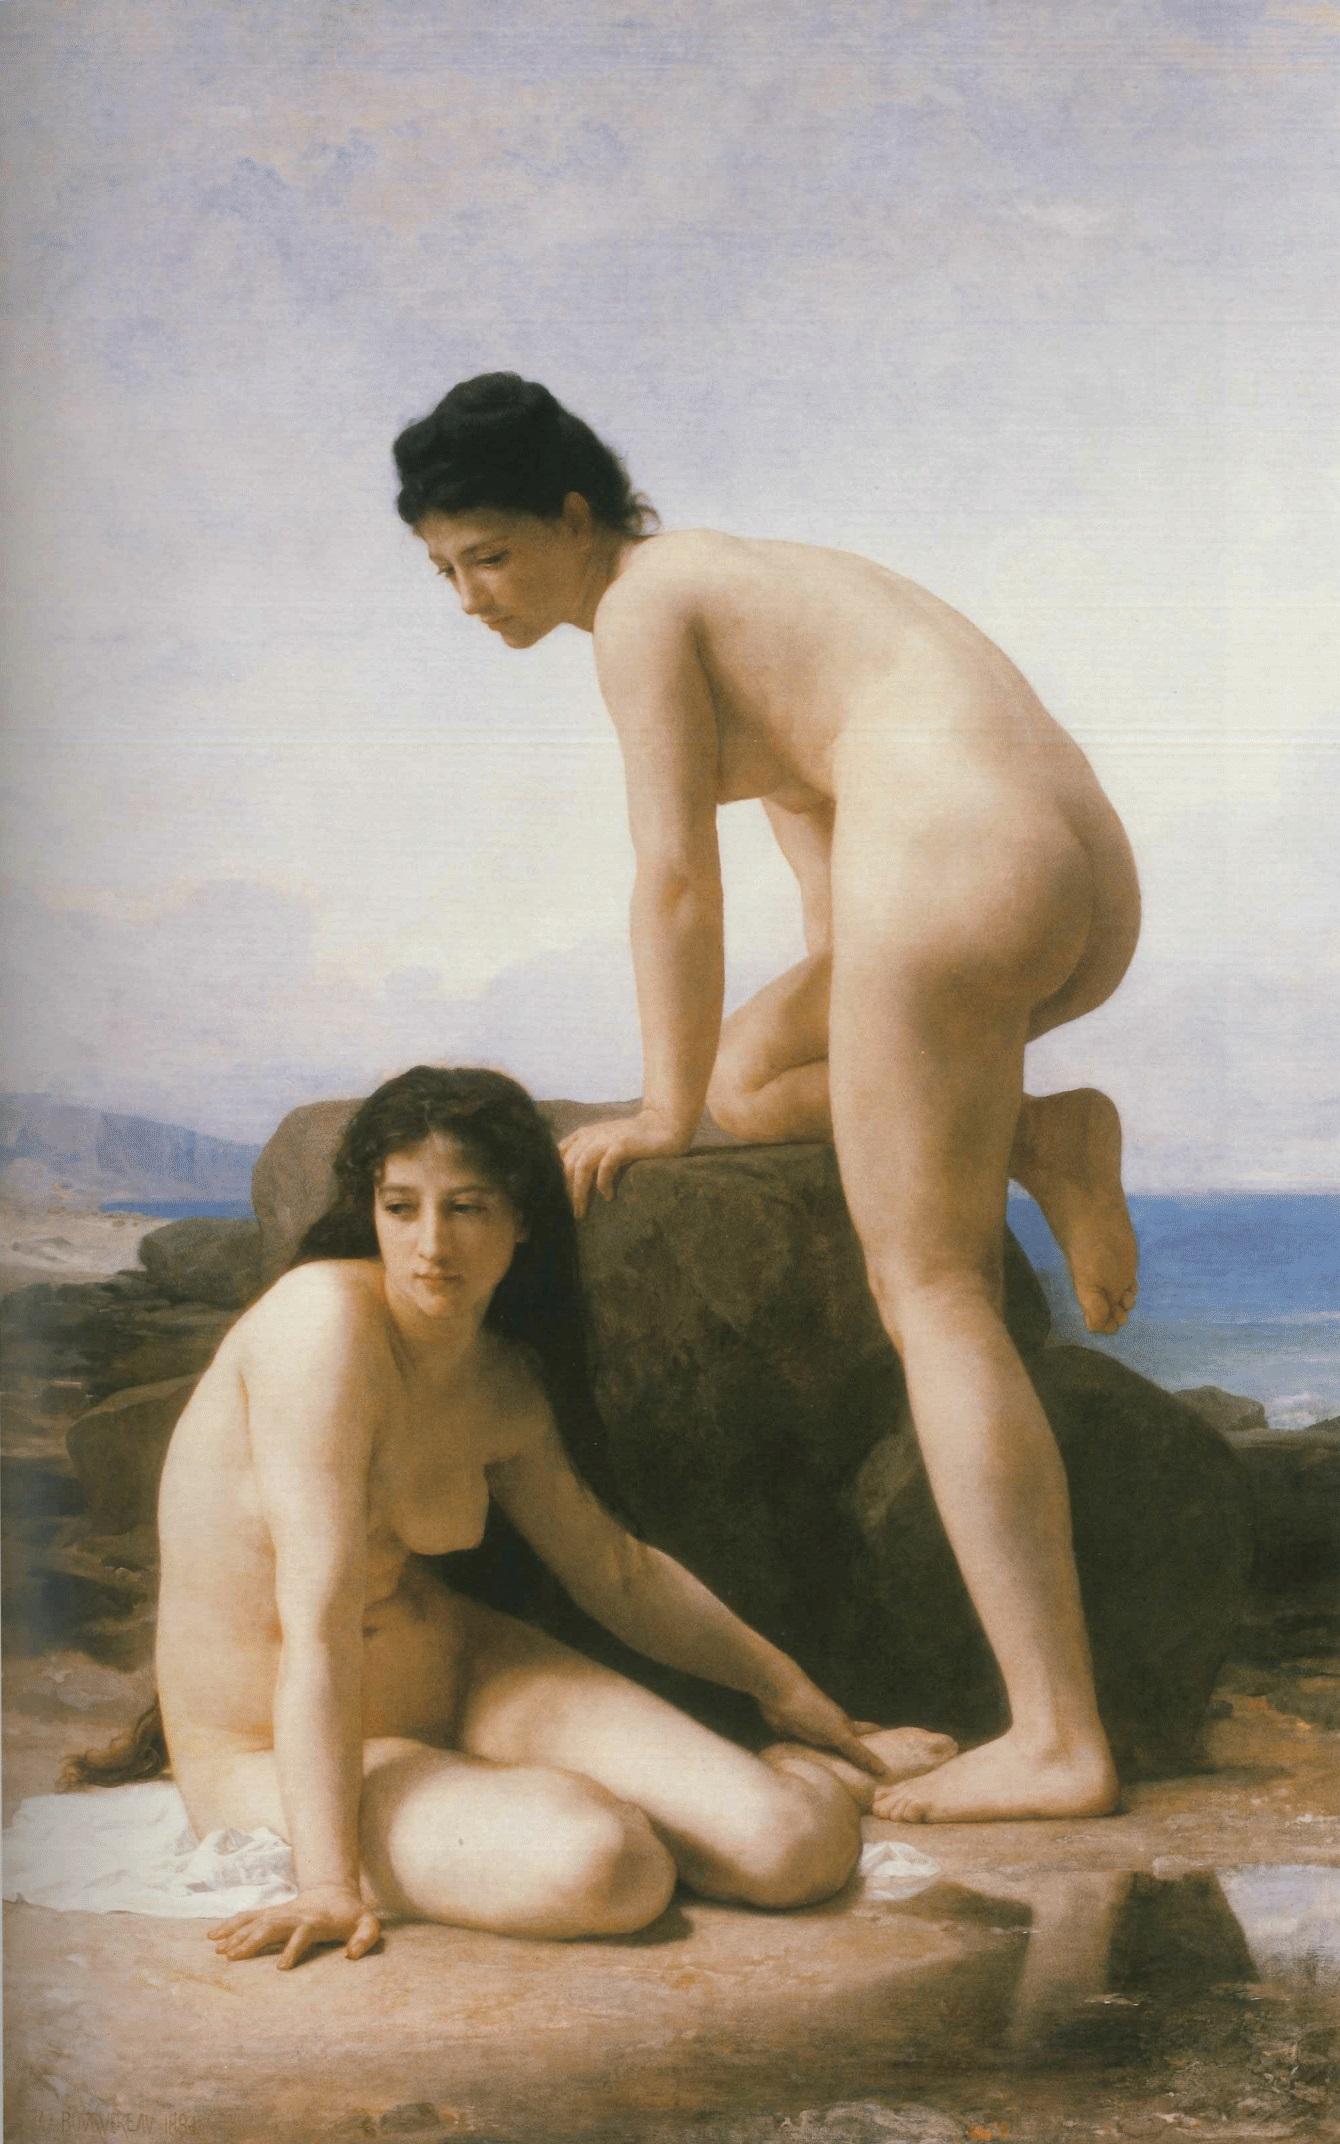 William-Adolphe Bouguereau (1825-1905) - Les Deux Baigneuses (1884)